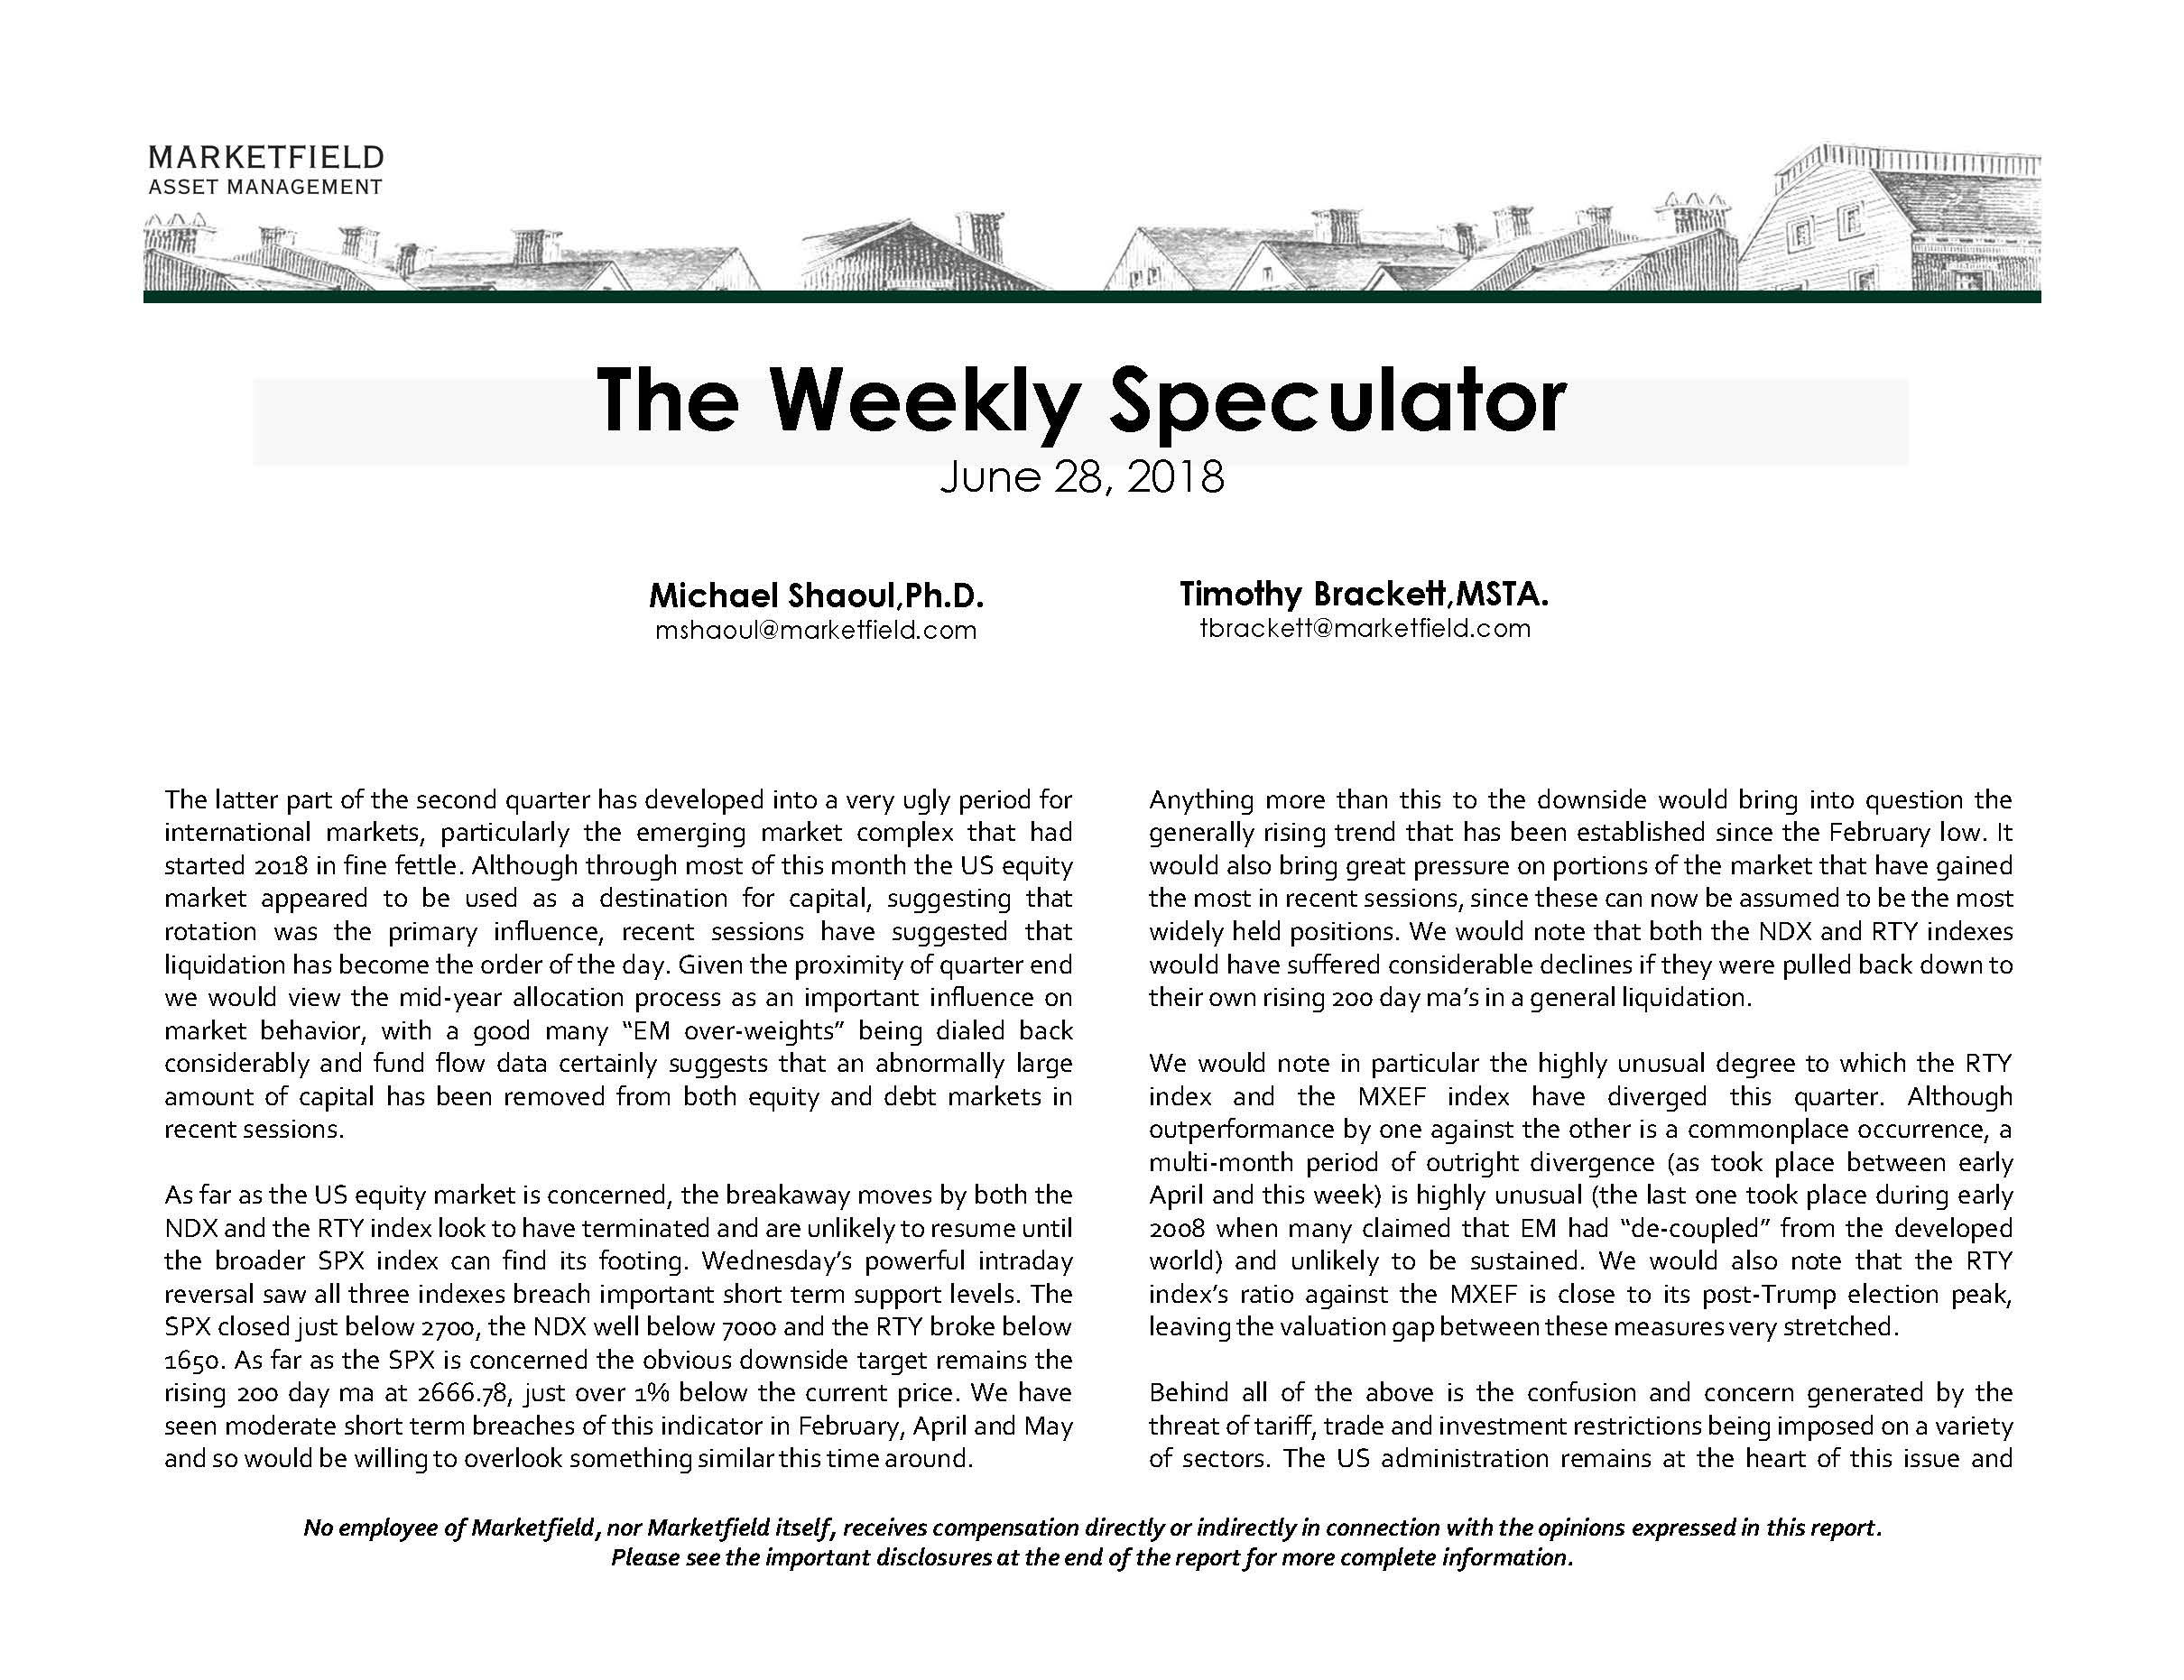 6-28-18_Weekly Speculator_Page_01.jpg